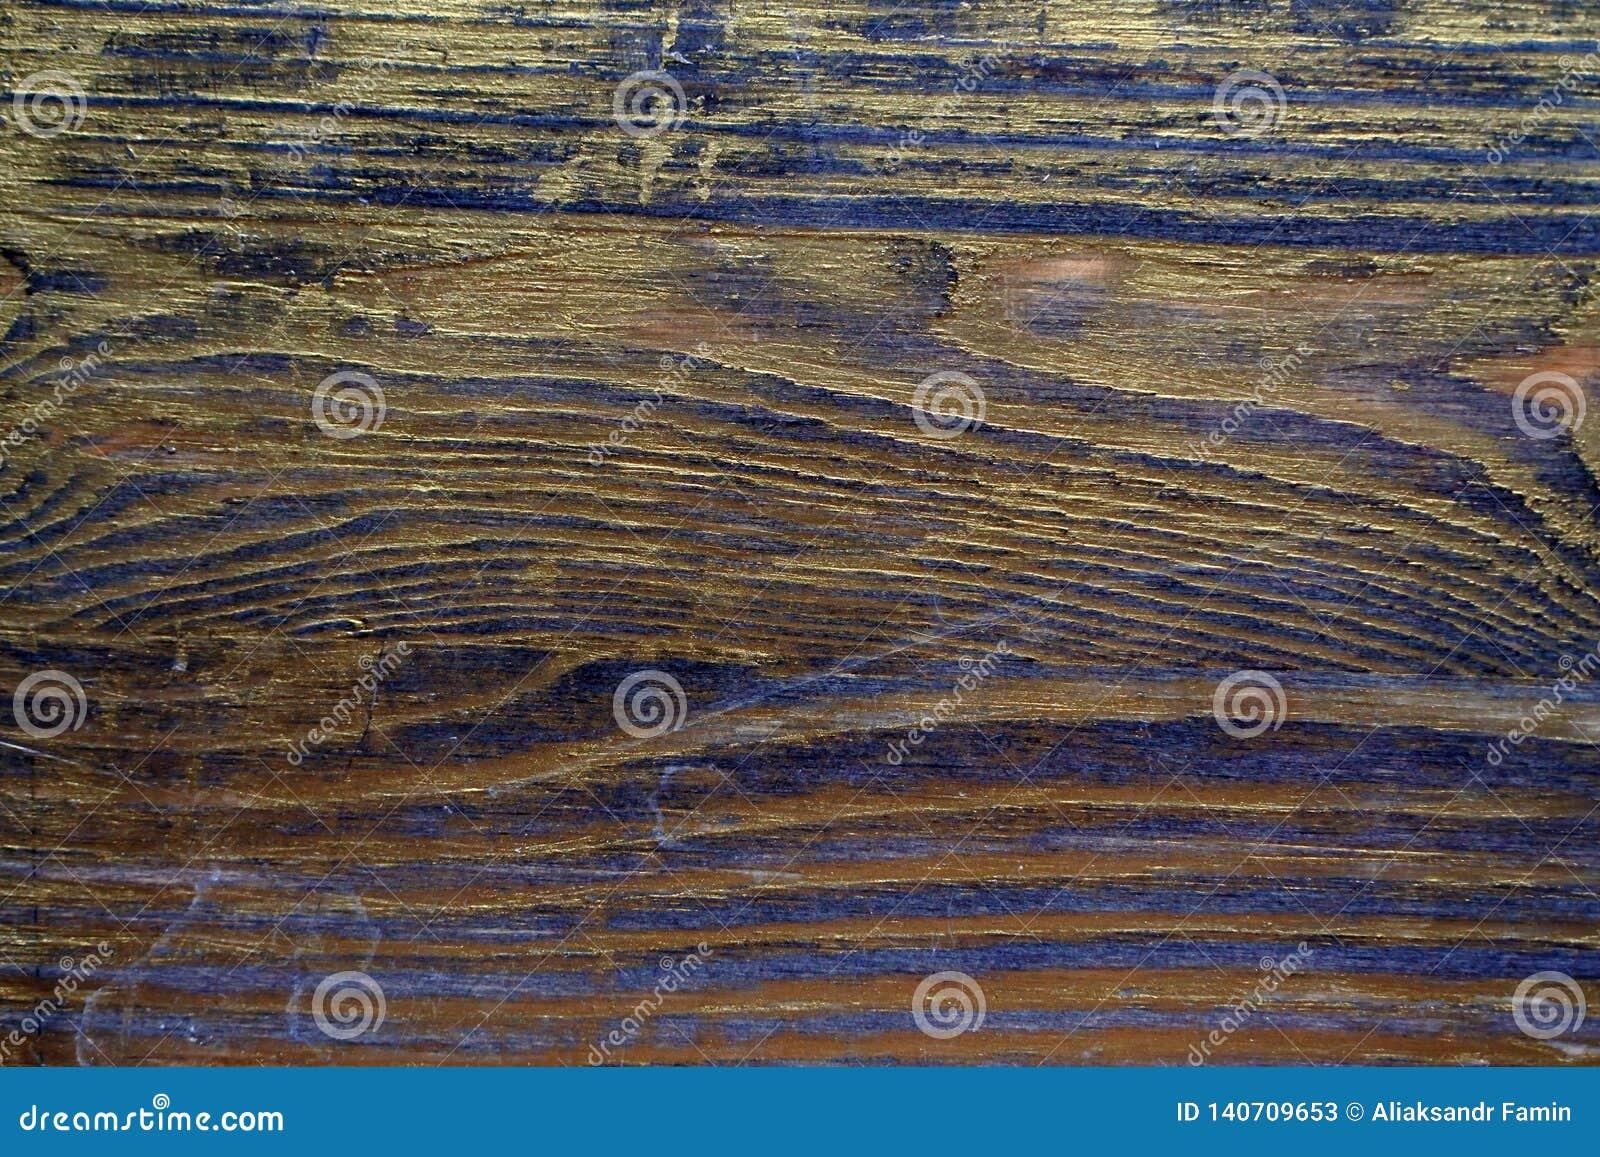 Drewniana tekstura taktująca z heban plamą i złocistą farbą